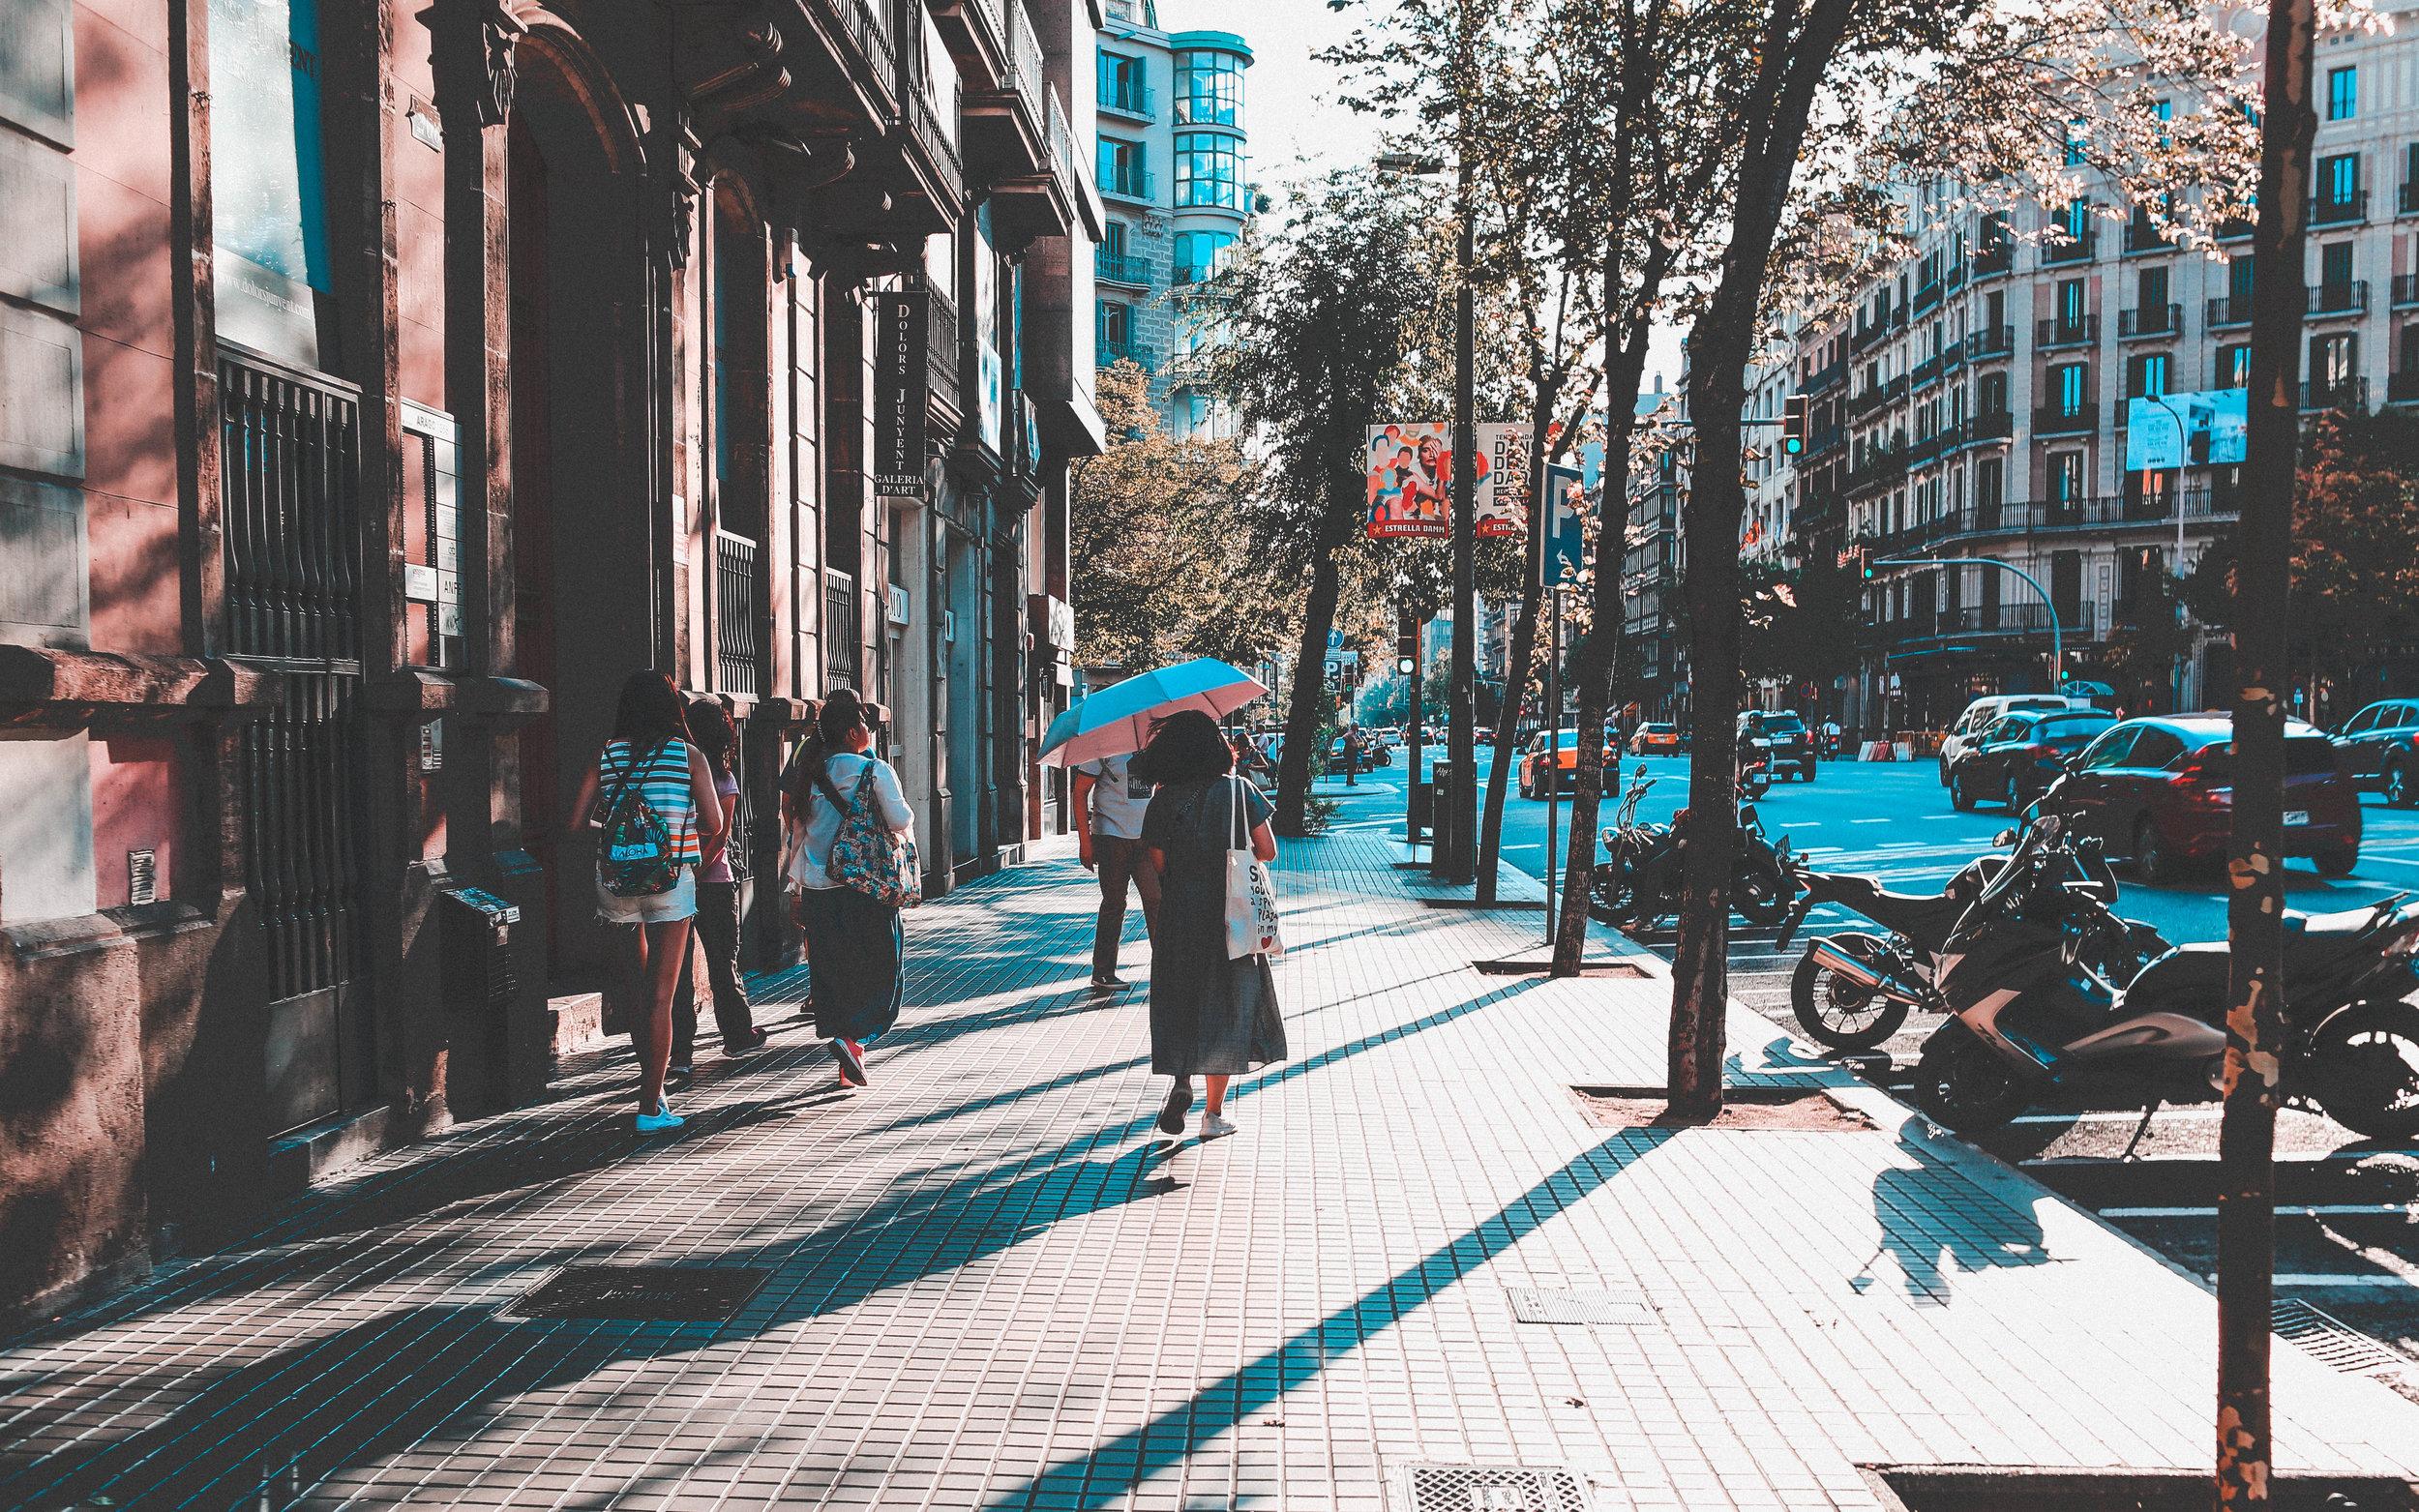 city center europe walking